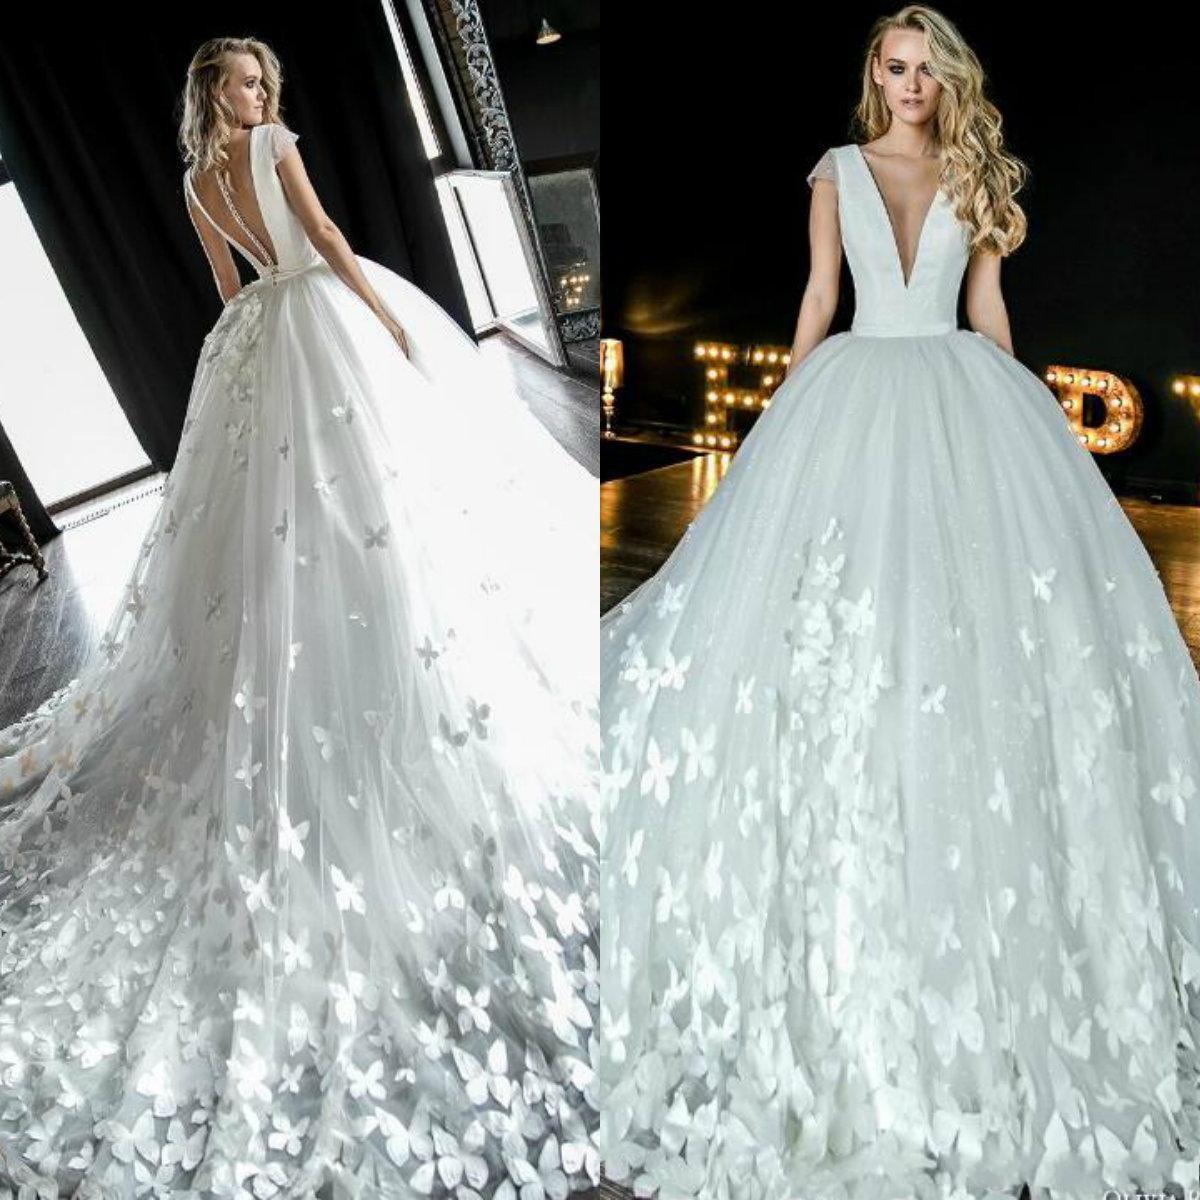 Olivia Bottega 20 Brautkleider V-Ausschnitt Flügelärmeln Romantische  Schmetterlingsapplikationen Tüll Brautkleider Mit Transparenten Knöpfen  Zurück